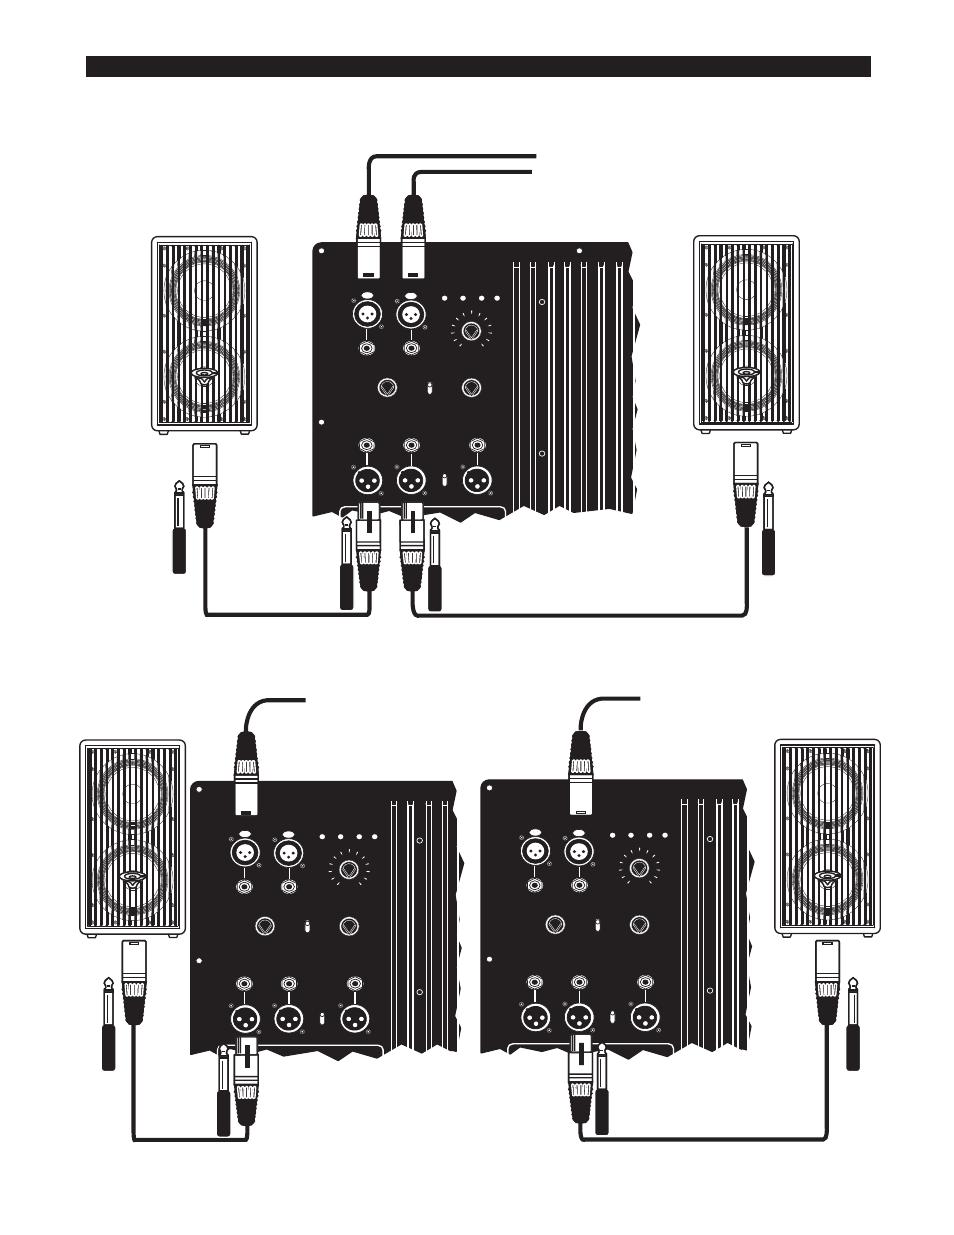 configuraciones del sistema del mezclador subwoofer activo cerwin vega cerwin vega cva 115. Black Bedroom Furniture Sets. Home Design Ideas